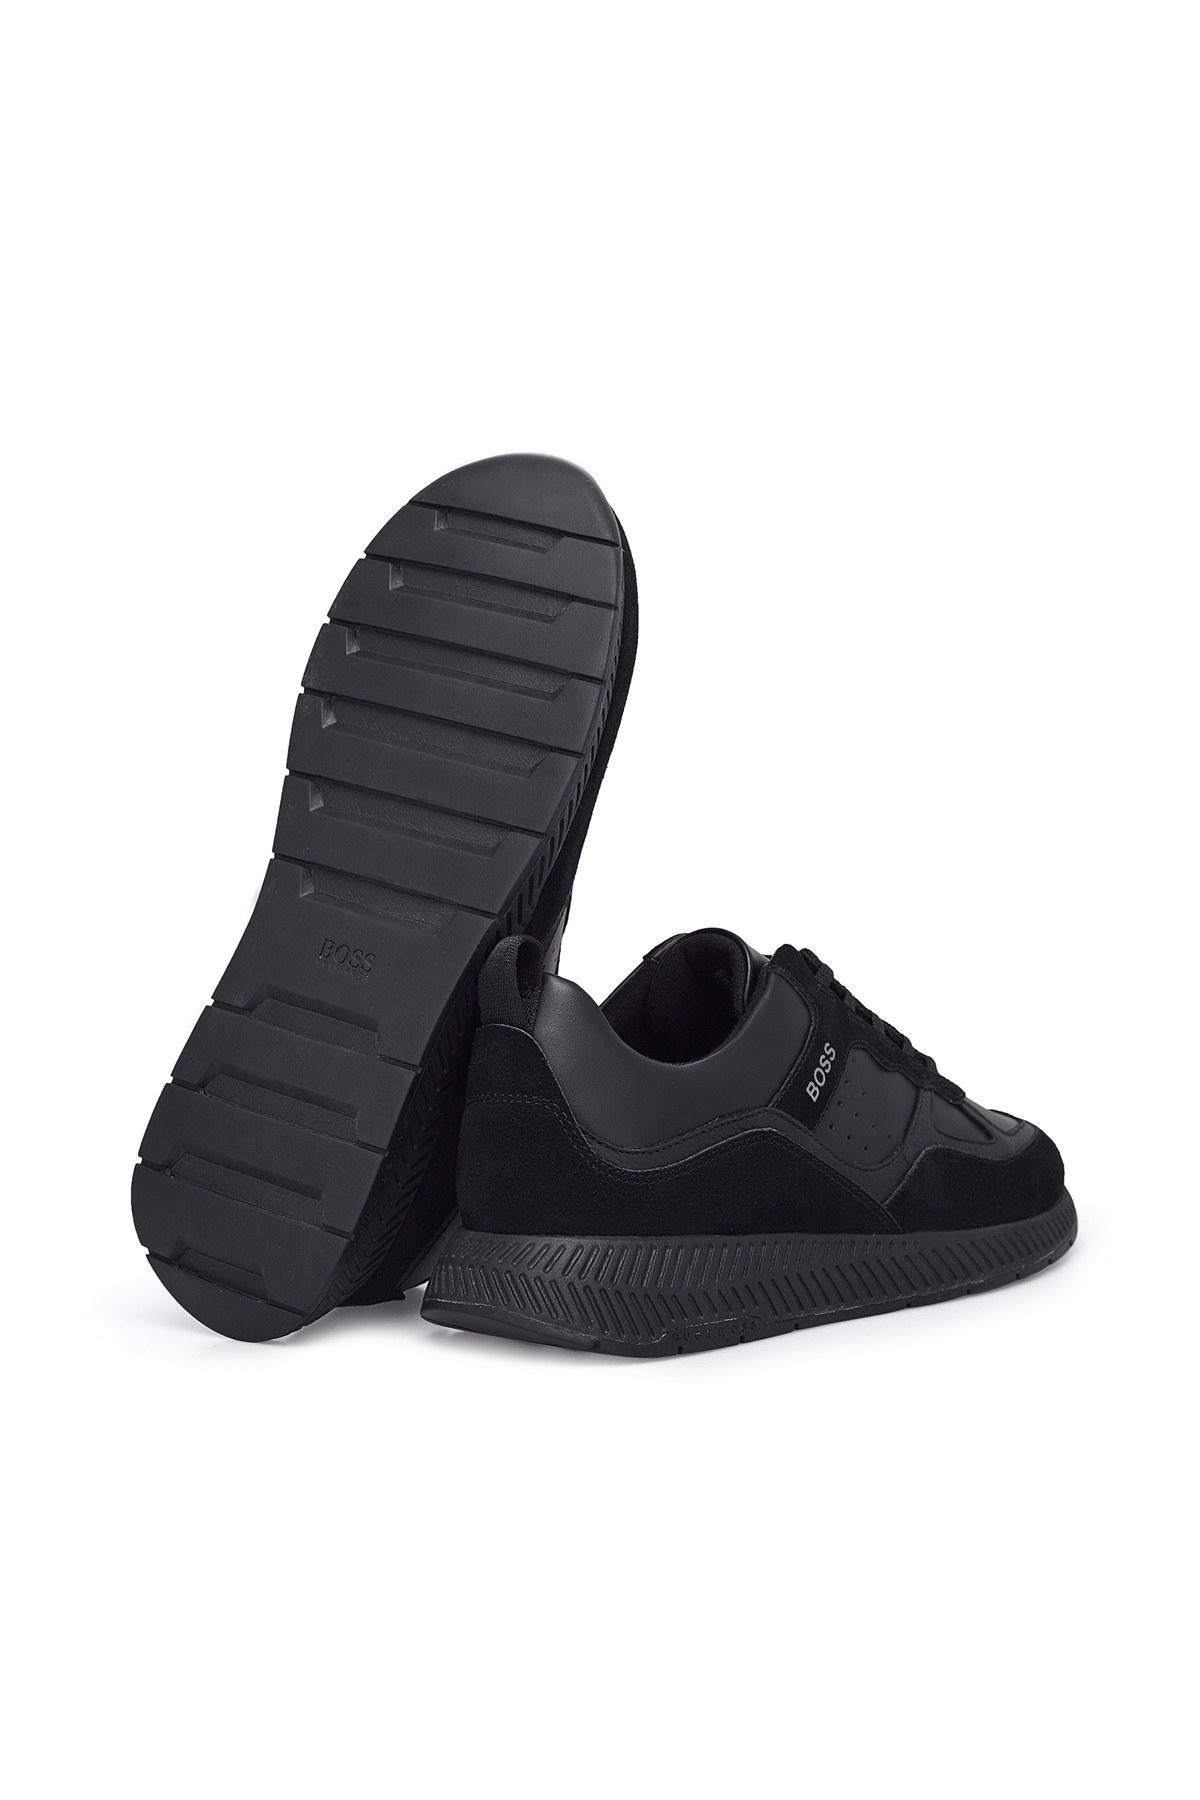 Hugo Boss Hakiki Deri Erkek Ayakkabı 50440763 001 SİYAH